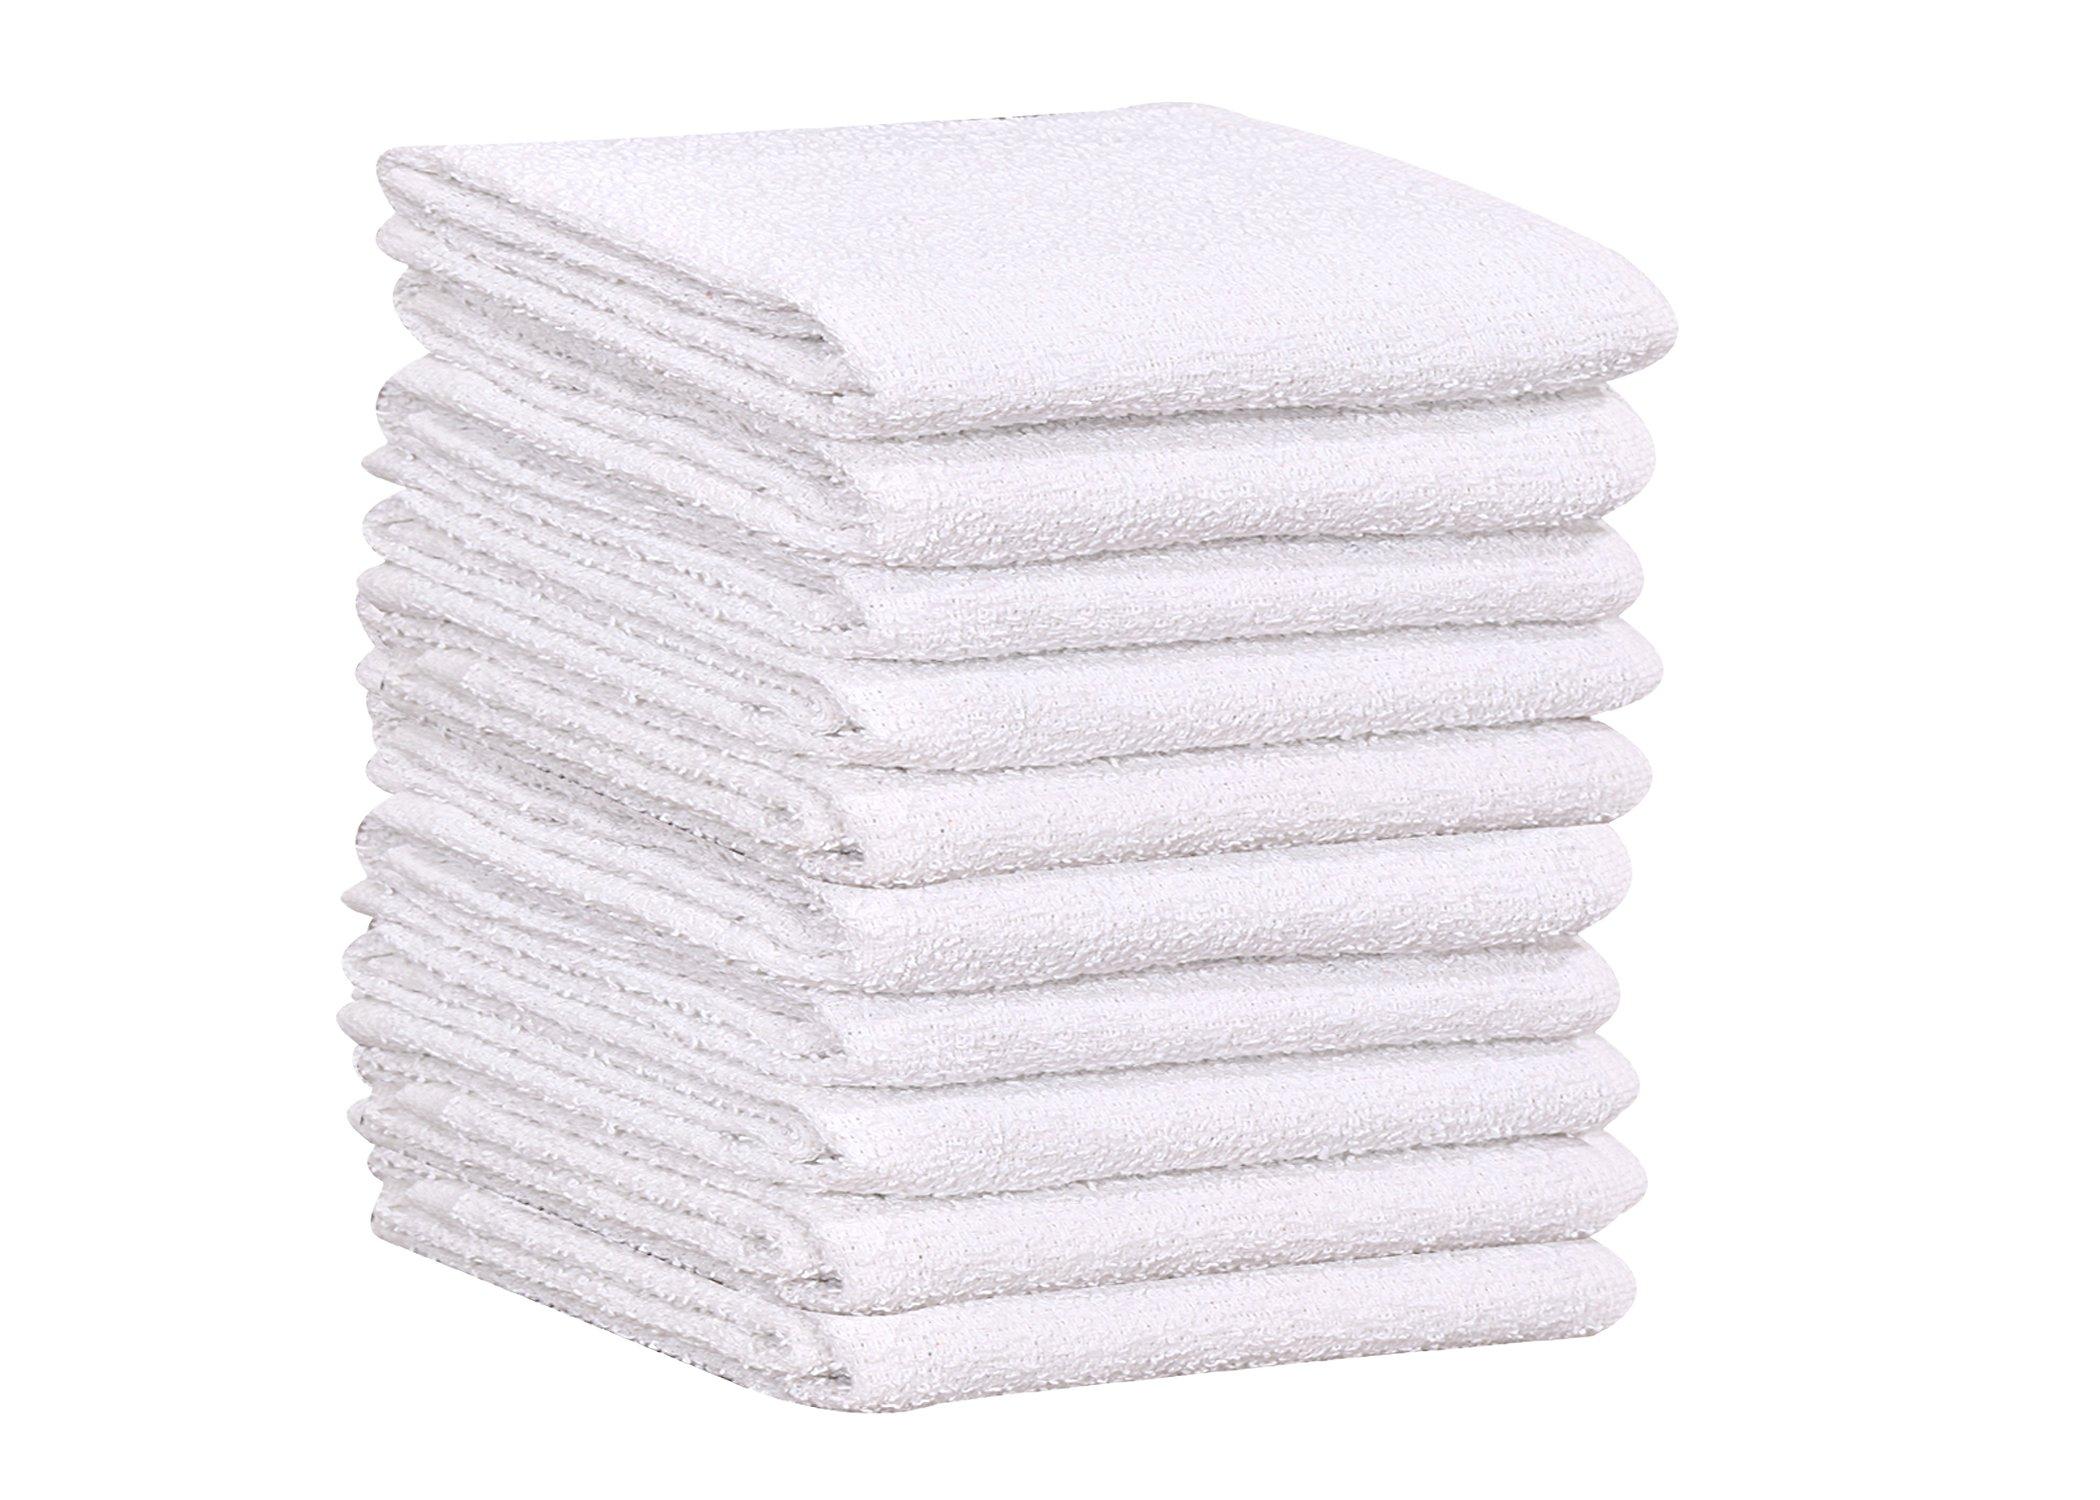 60 PC New 100% Cotton White Restaurant Bar Mops Kitchen Towels 28oz (5 DOZEN ) (60, White)